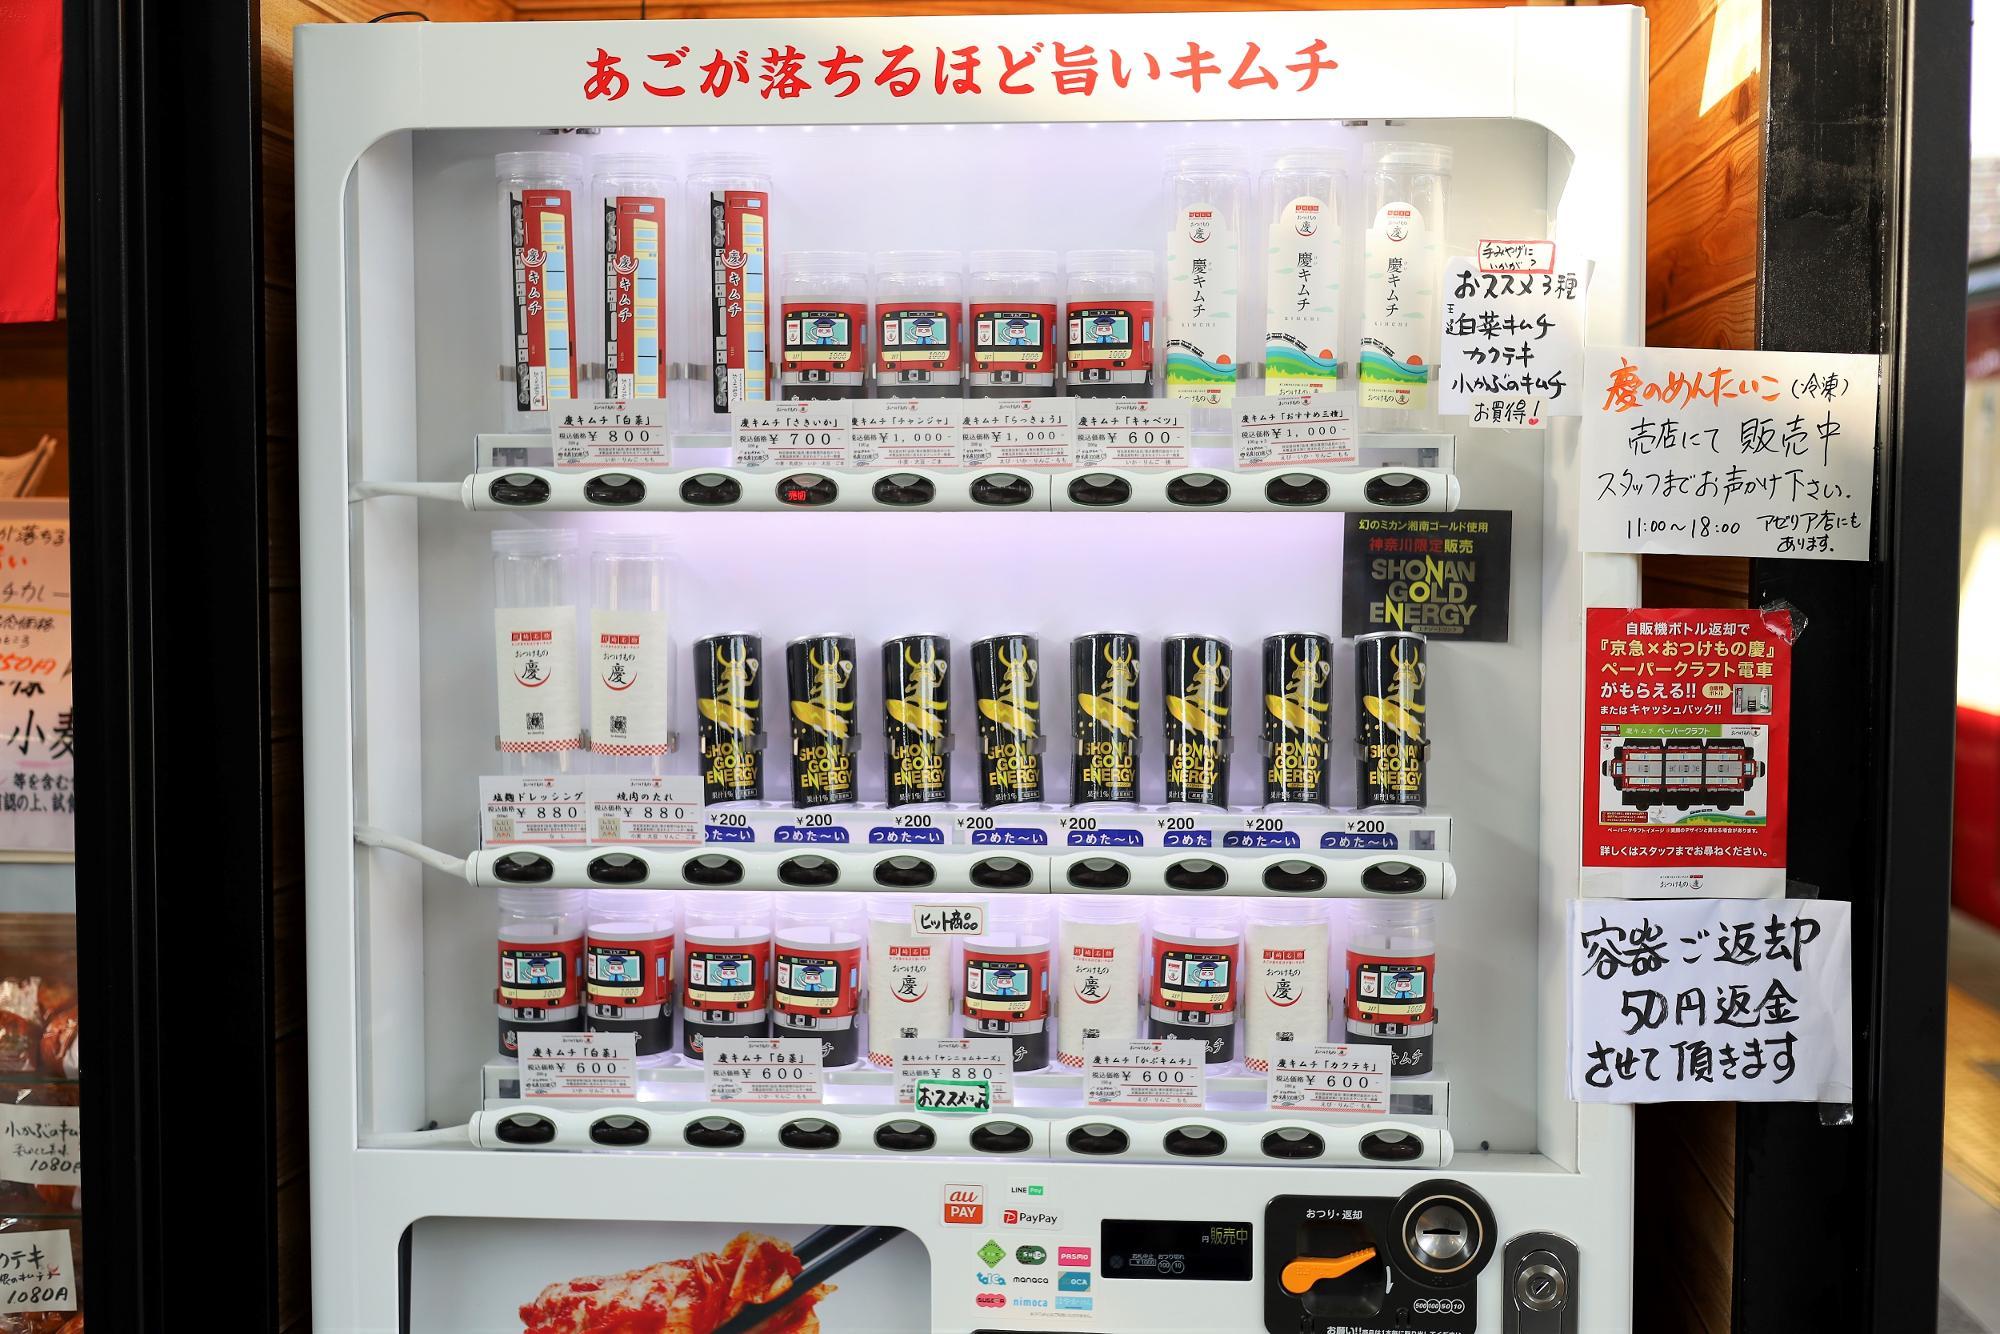 自動販売機での商品ラインナップ